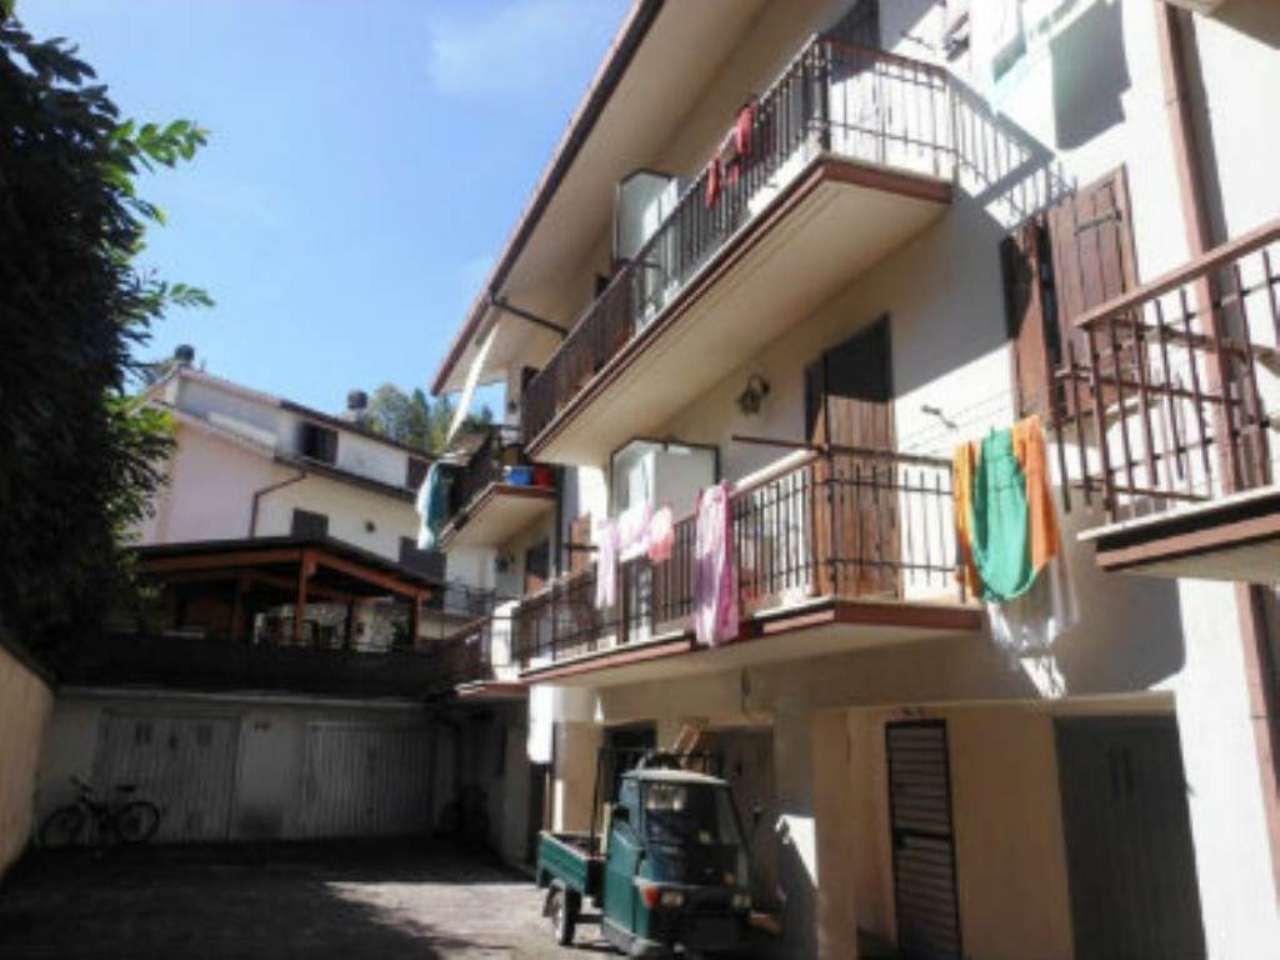 Appartamento in vendita a Carsoli, 5 locali, prezzo € 107.000 | CambioCasa.it